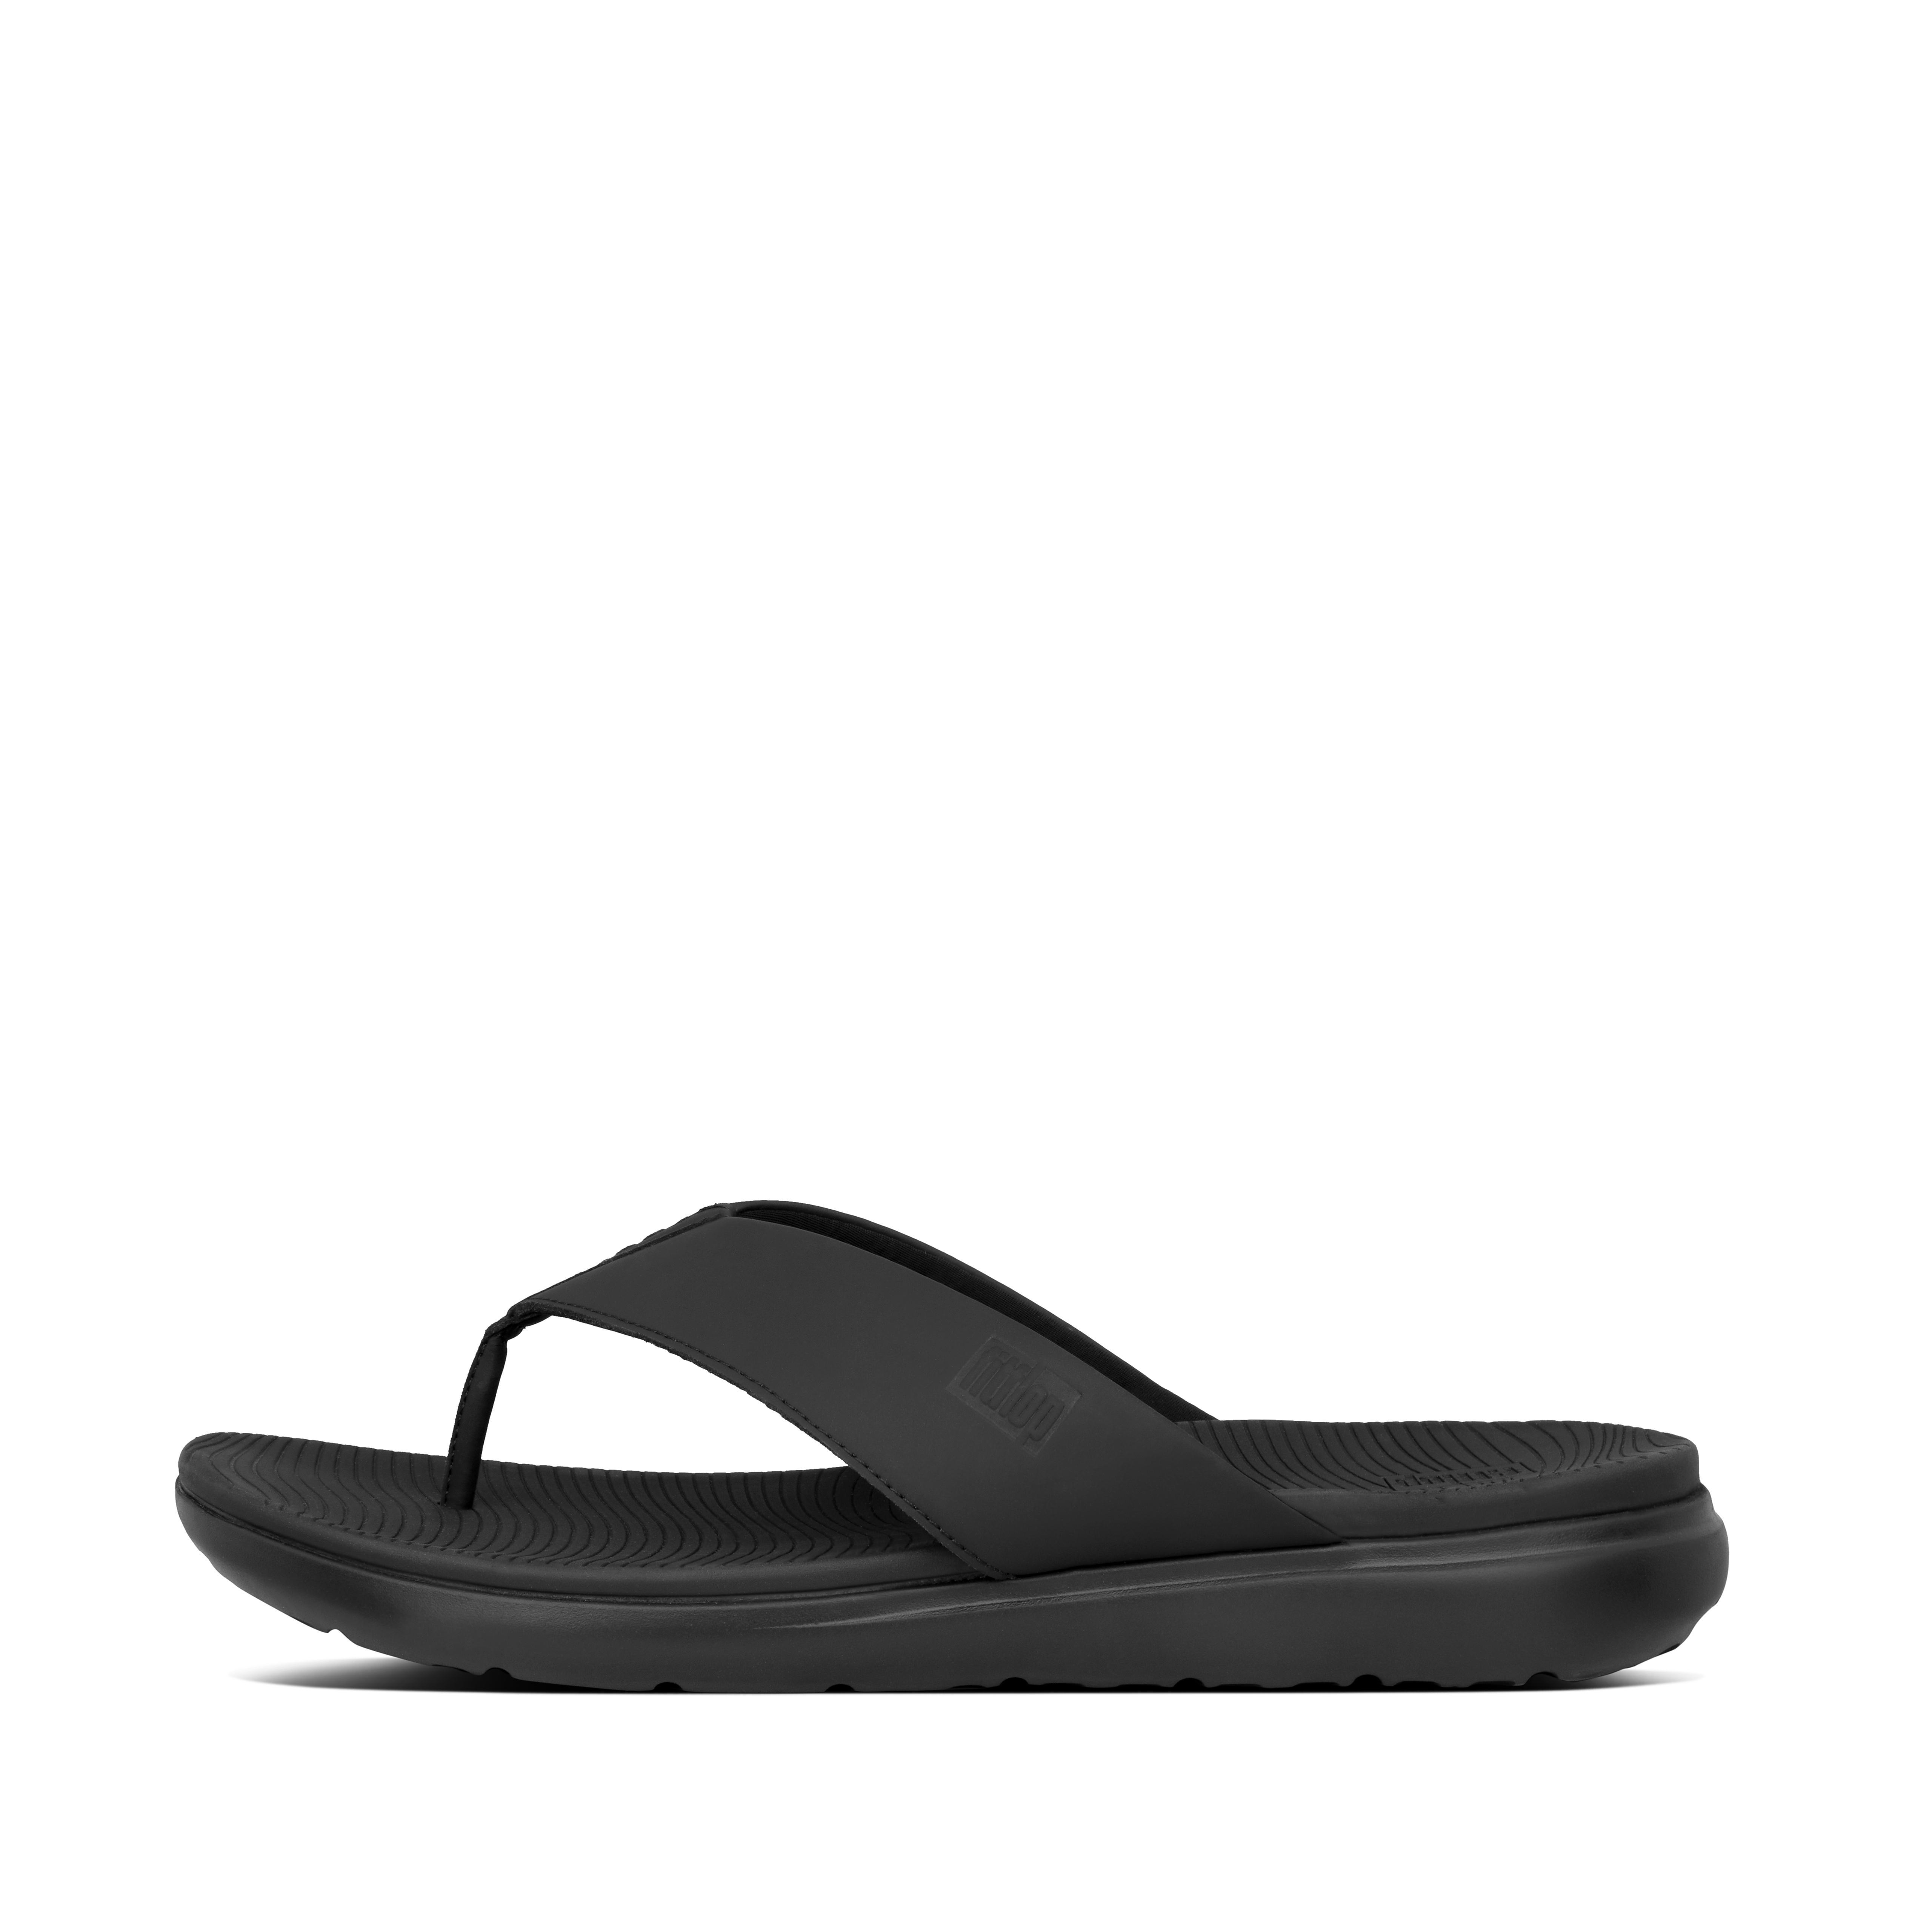 핏플랍 LIDO-II 샌들 Mens Neoprene Toe-Post Sandals,Black